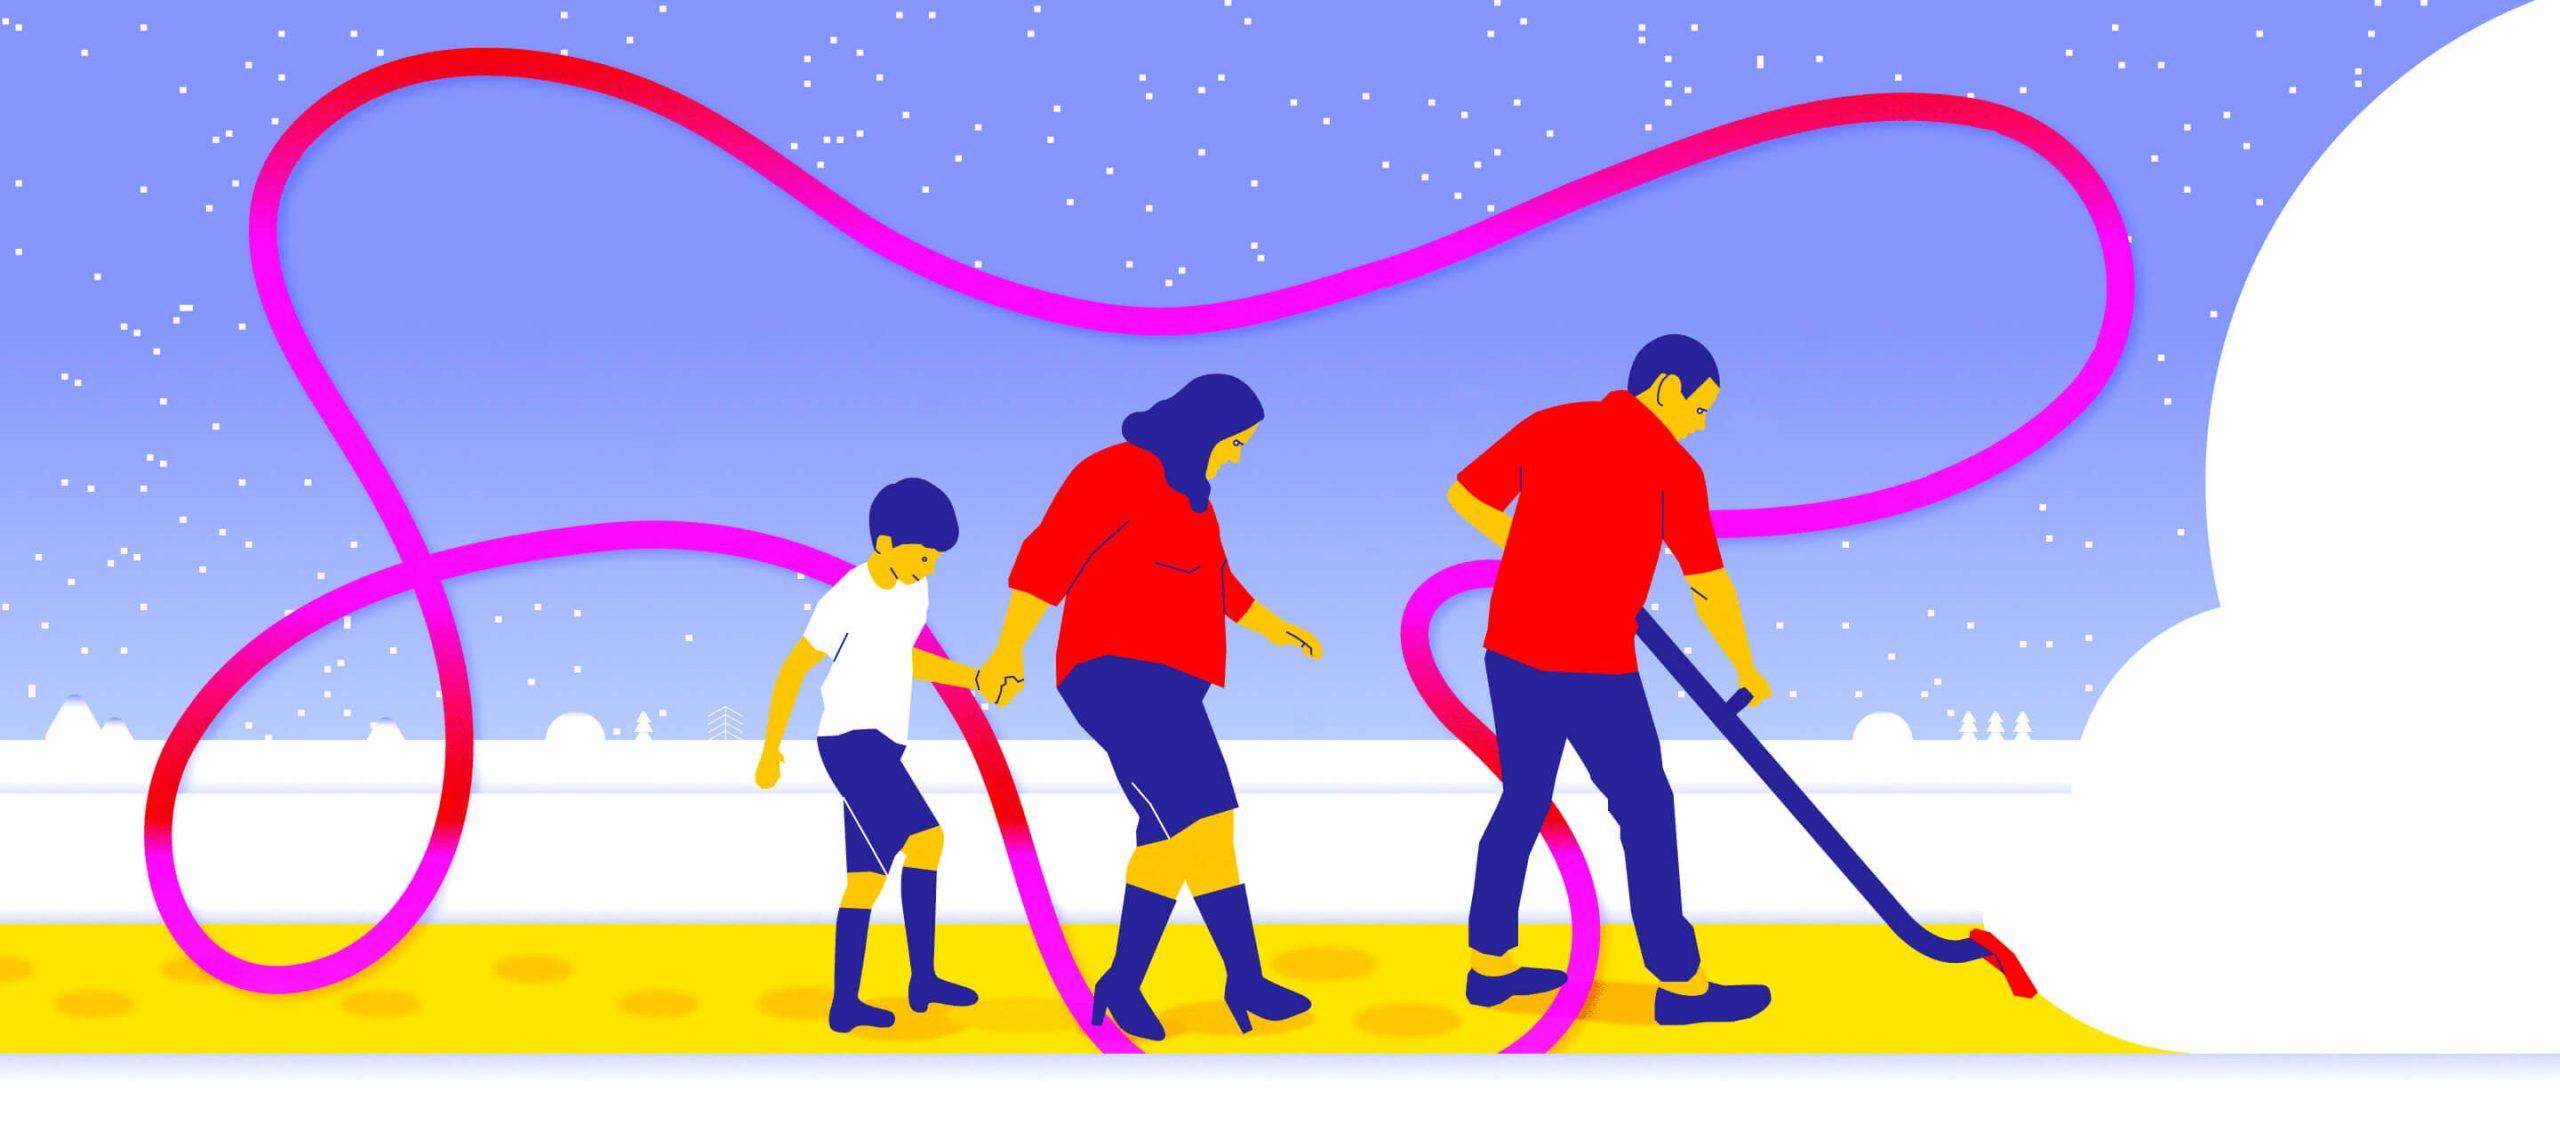 ปล่อยให้เราหลงทางบ้างดีไหม เมื่อความห่วงใยของพ่อแม่ตัดโอกาสเติบโตของลูกโดยไม่รู้ตัว